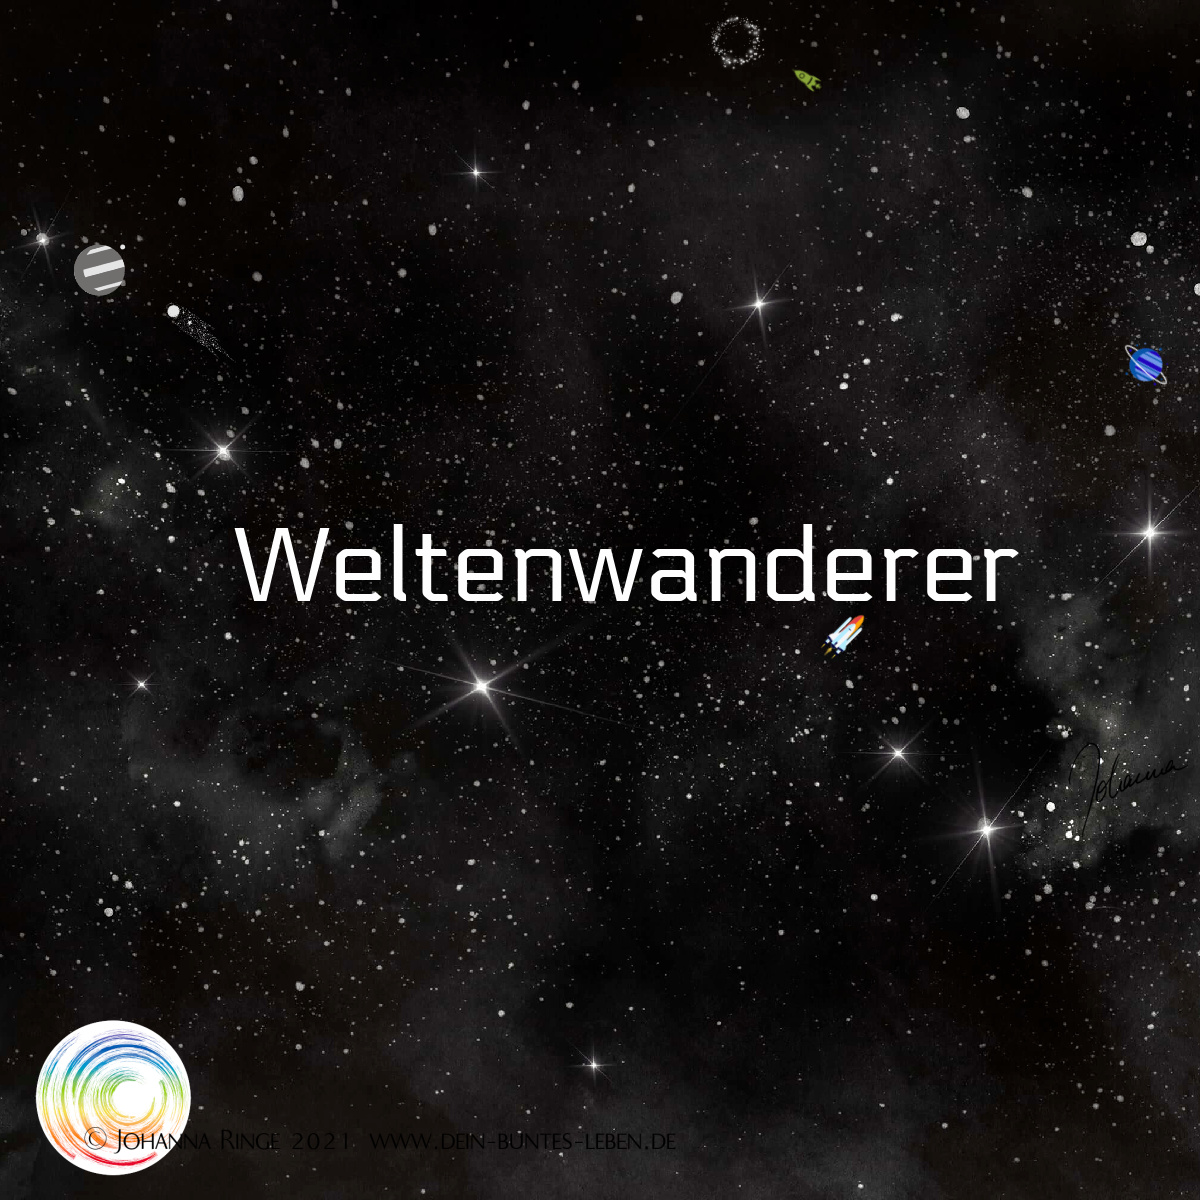 Weltenwanderer im Kosmos (All, Planeten, Raumschiffe) Worldwanderer ©Johanna Ringe 2021 www.dein-buntes-leben.de